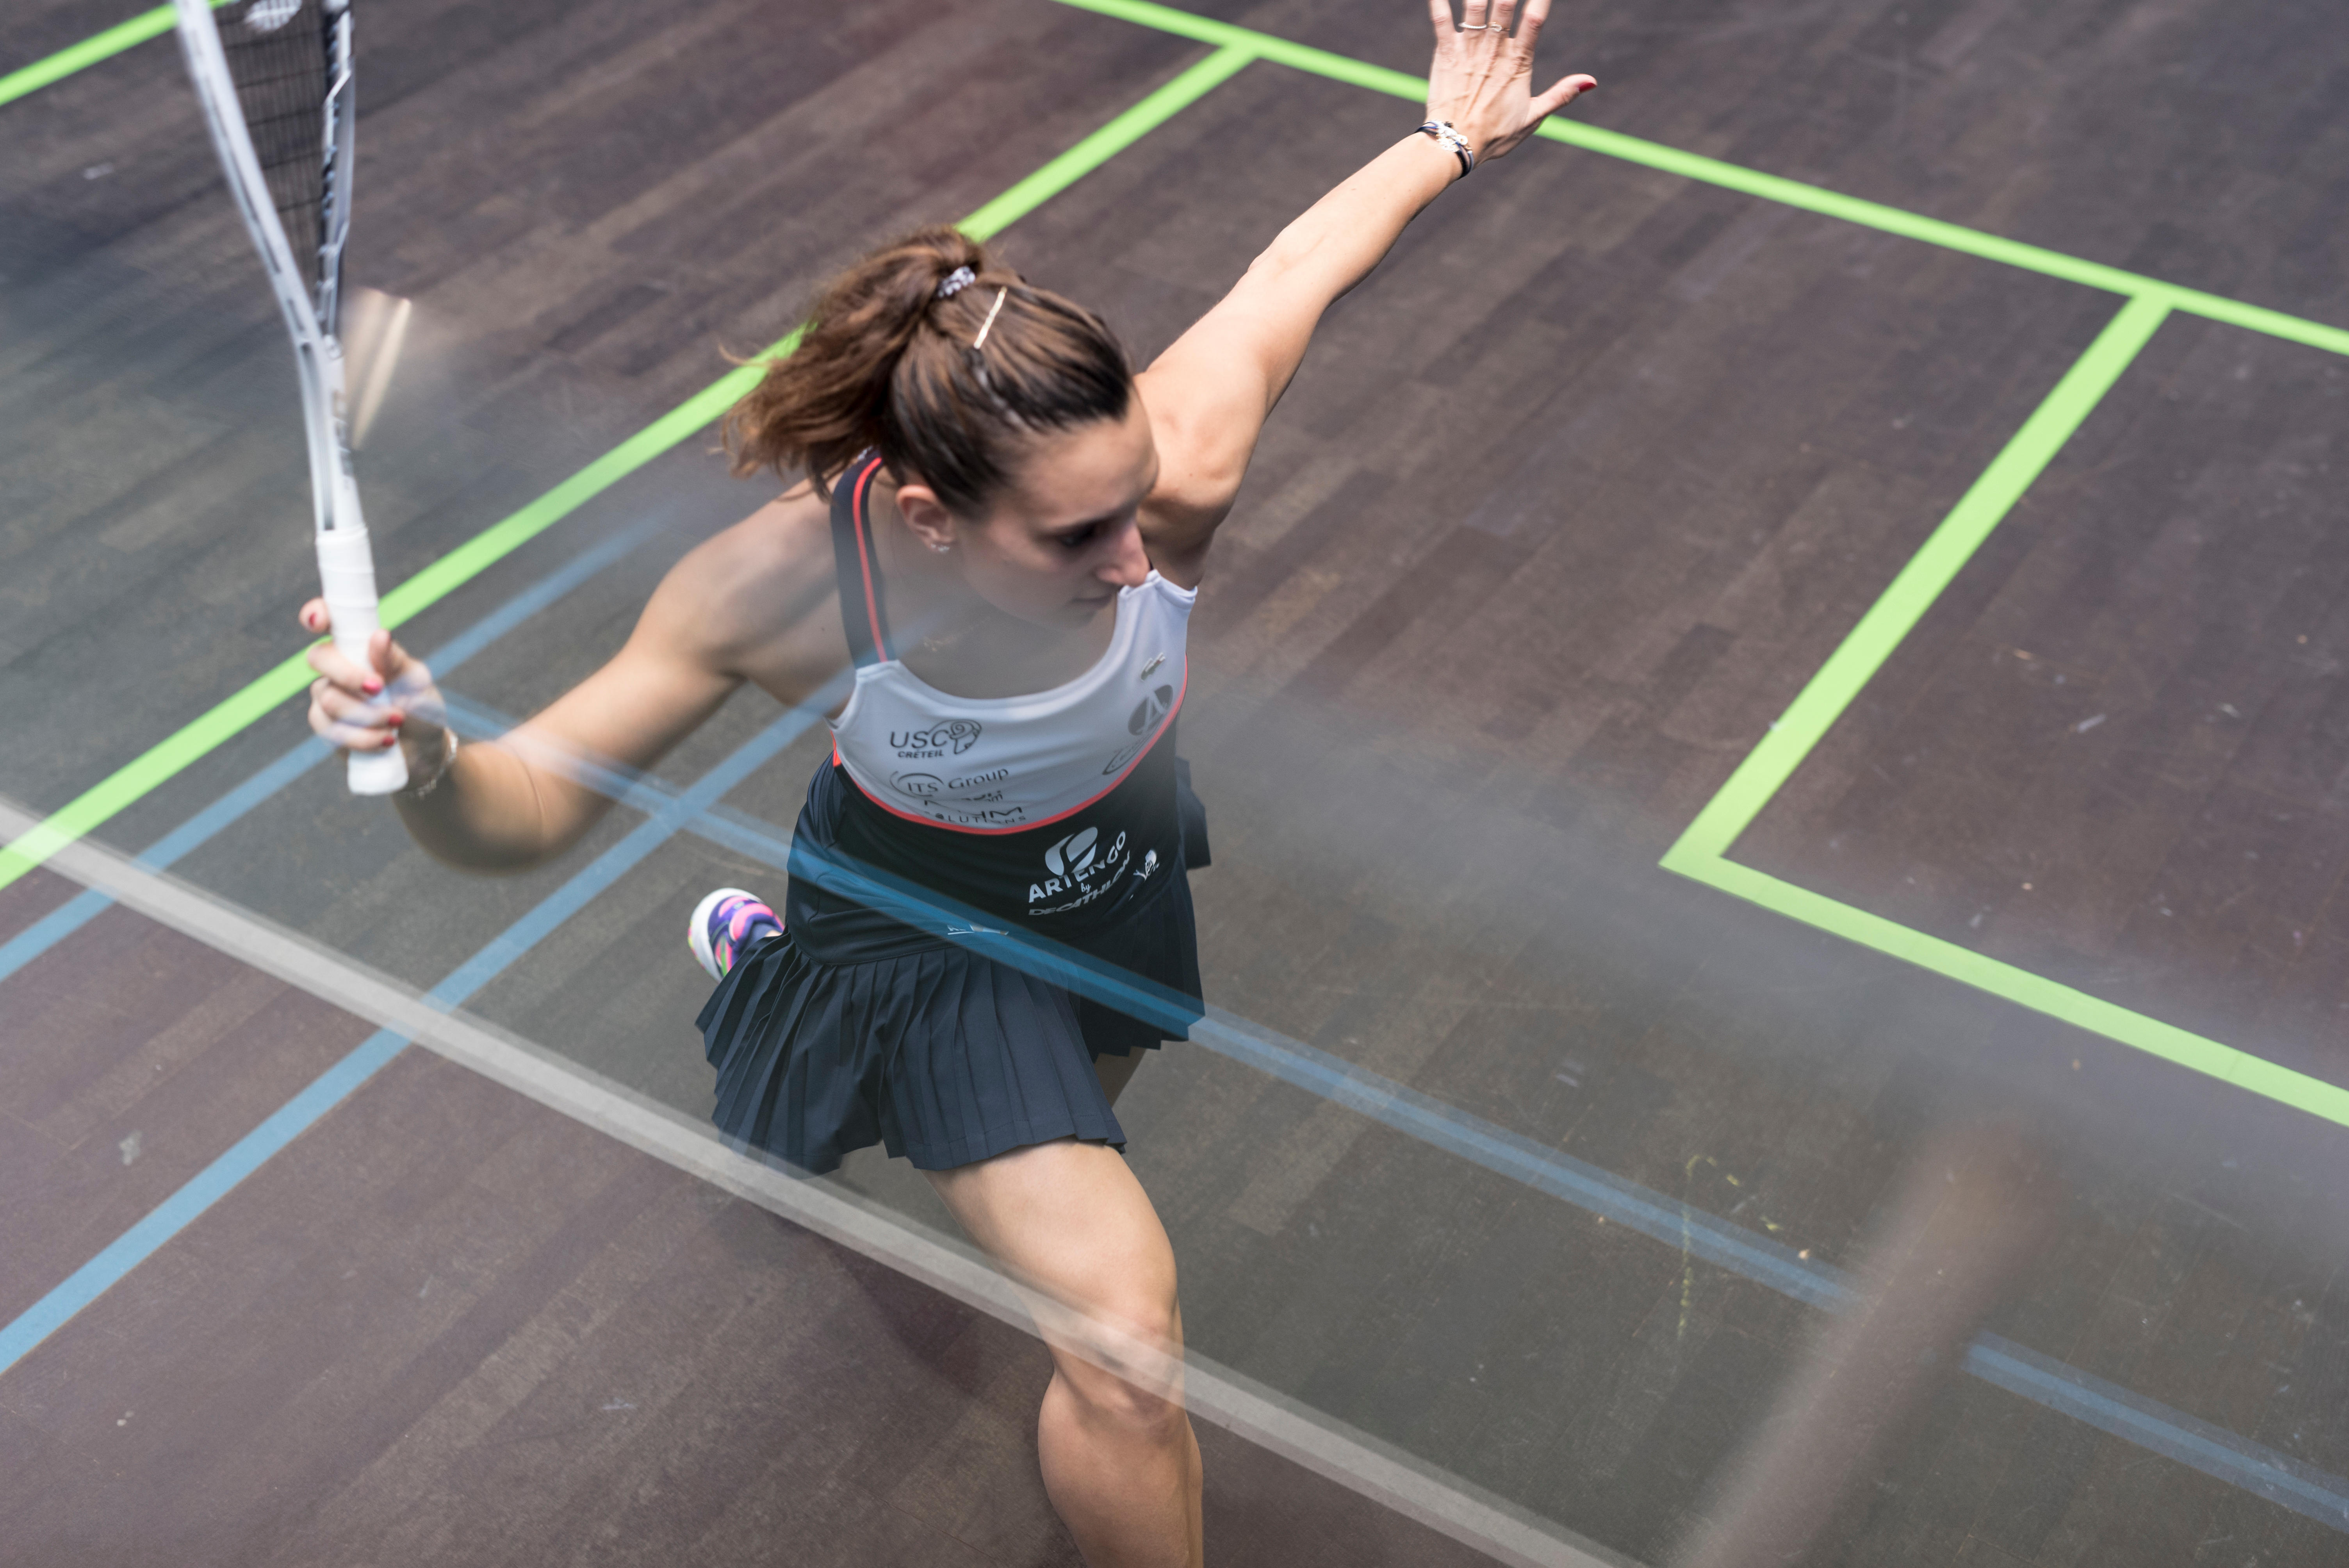 SR 960 Squash Racket